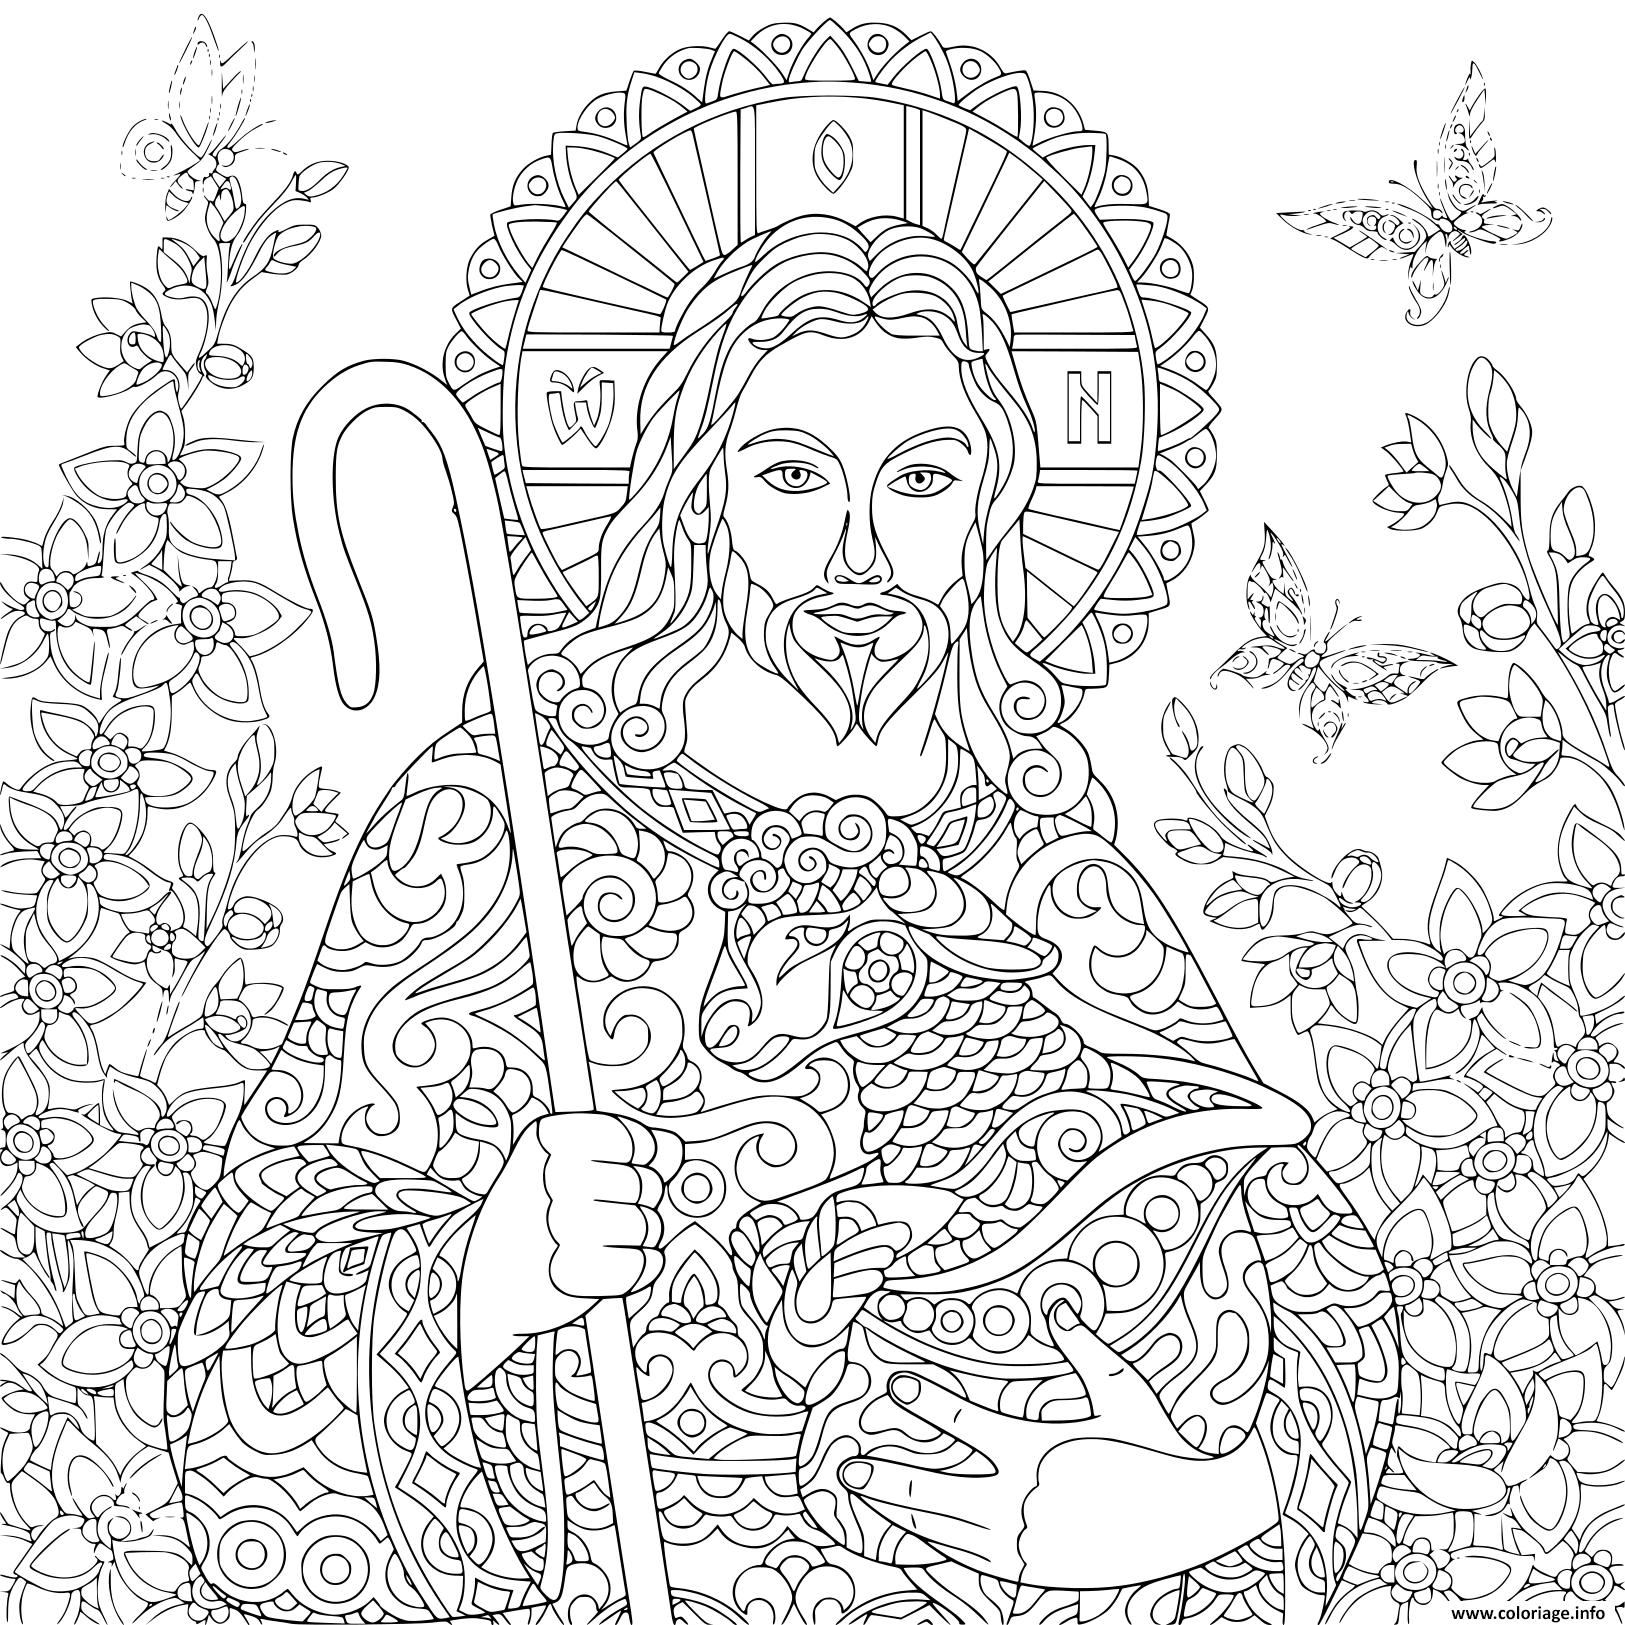 Coloriage Religieux Paques Jesus Christ Avec Un Agneau Portrait De Christian Biblique Adulte Dessin Paques Adulte A Imprimer